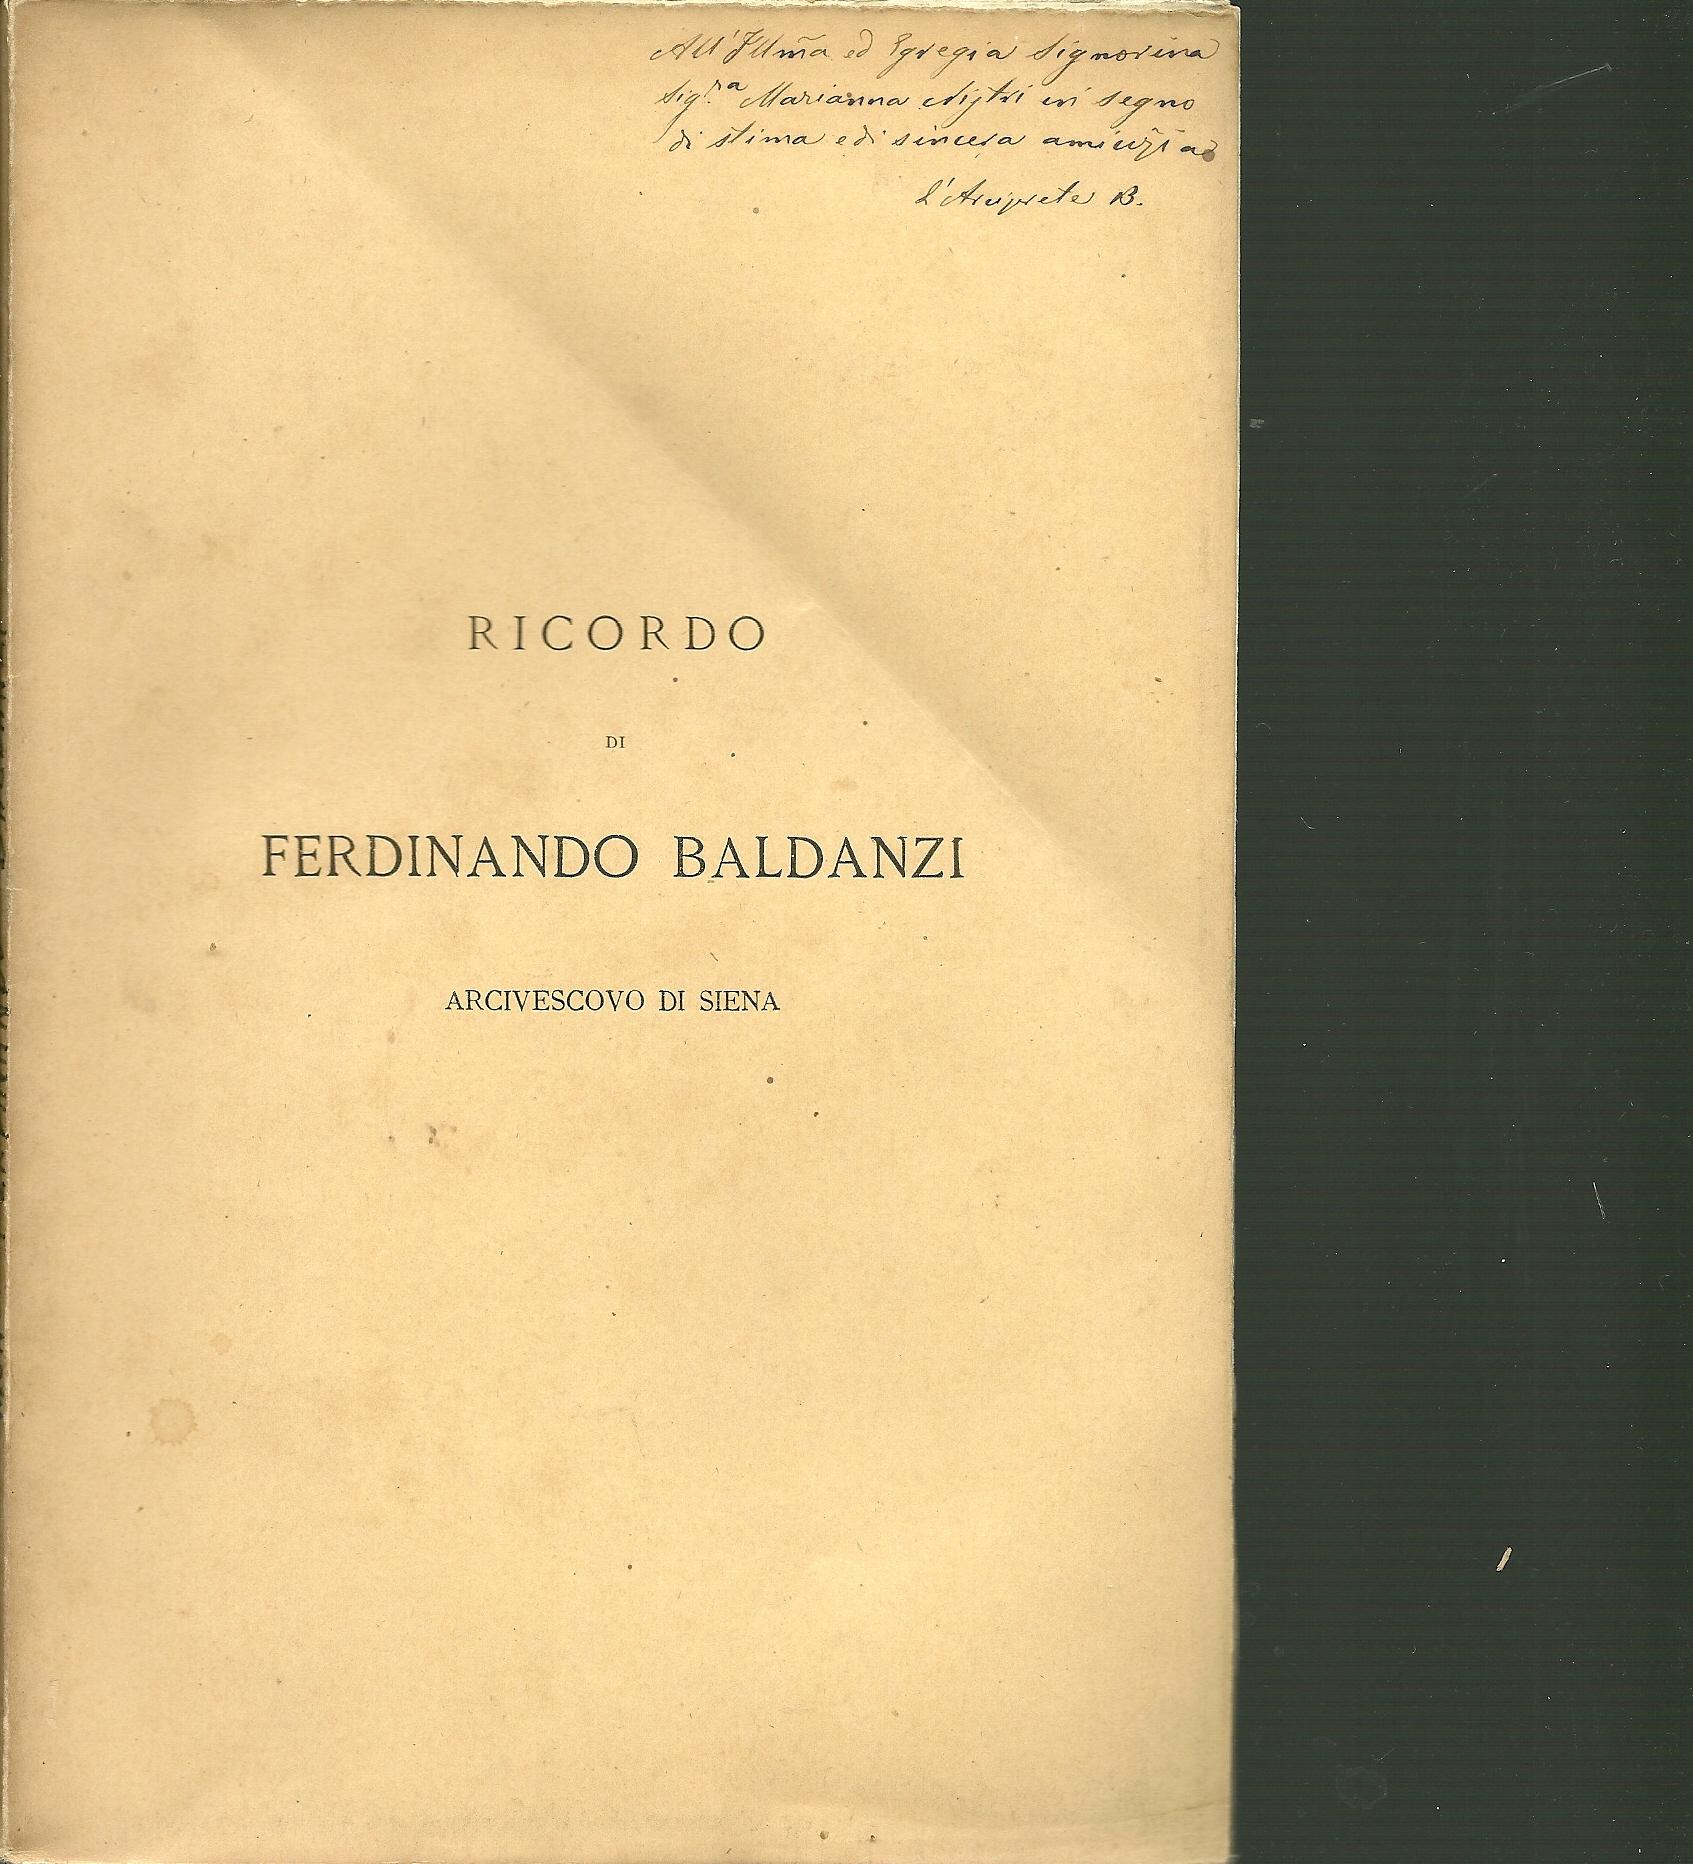 Ricordo di monsignore Ferdinando Baldanzi arcivescovo di Siena